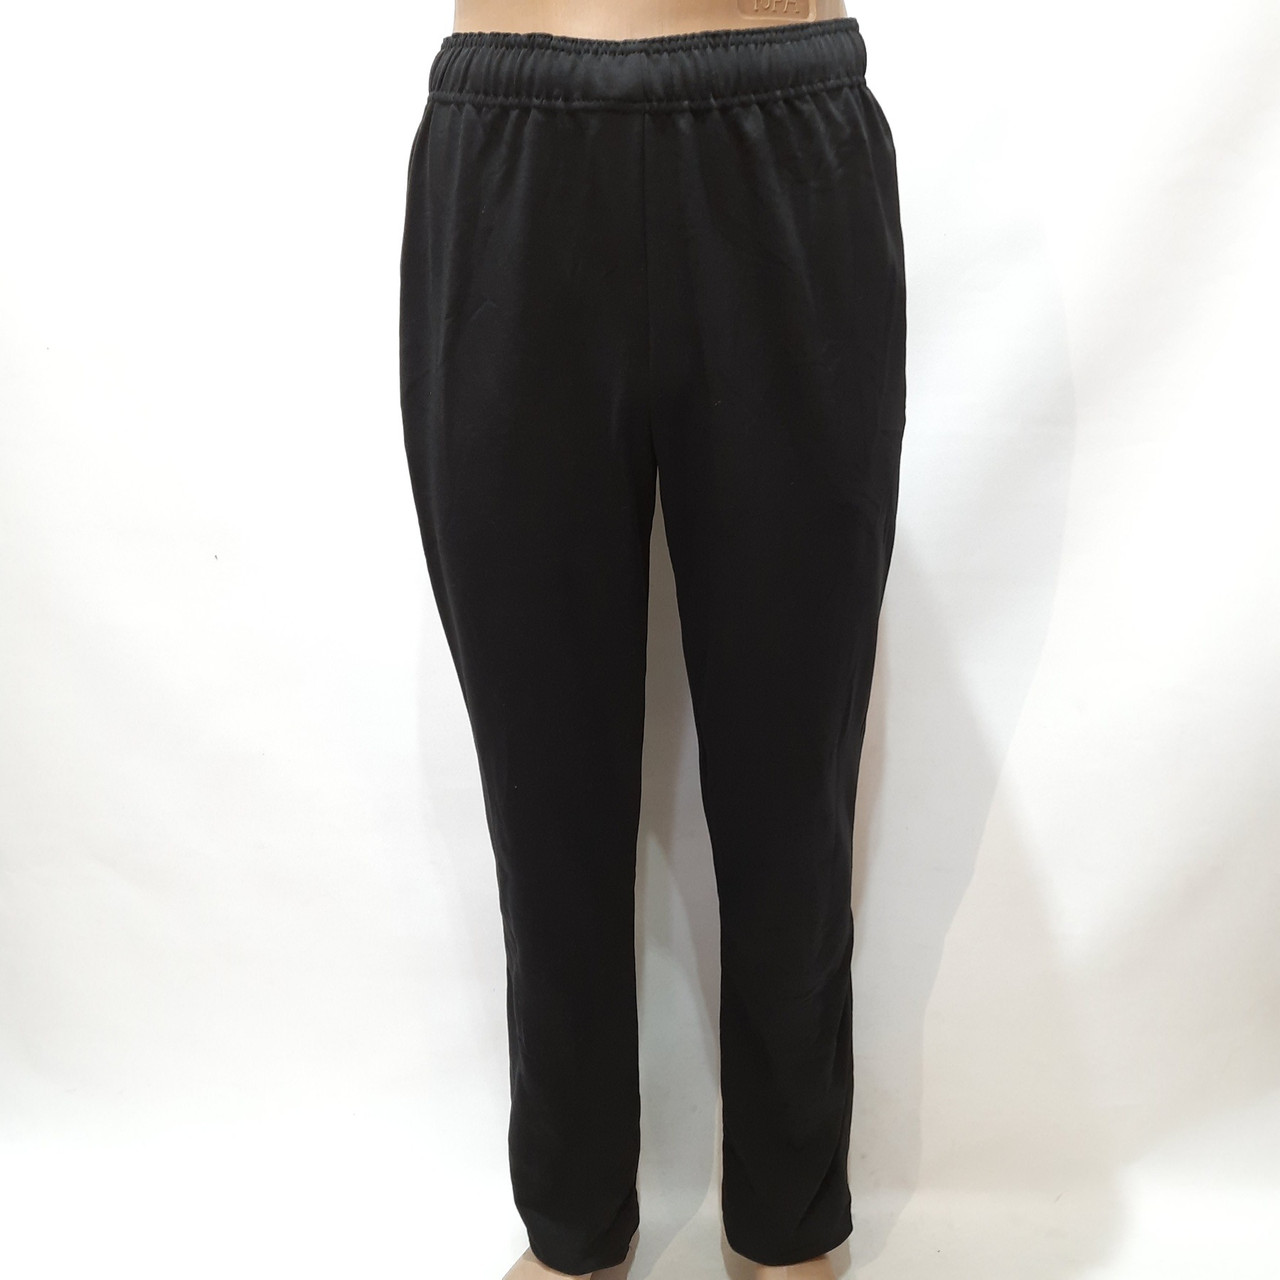 Спортивные штаны мужские прямые отличного качества черные р. 48, 50, 52, 54, 56